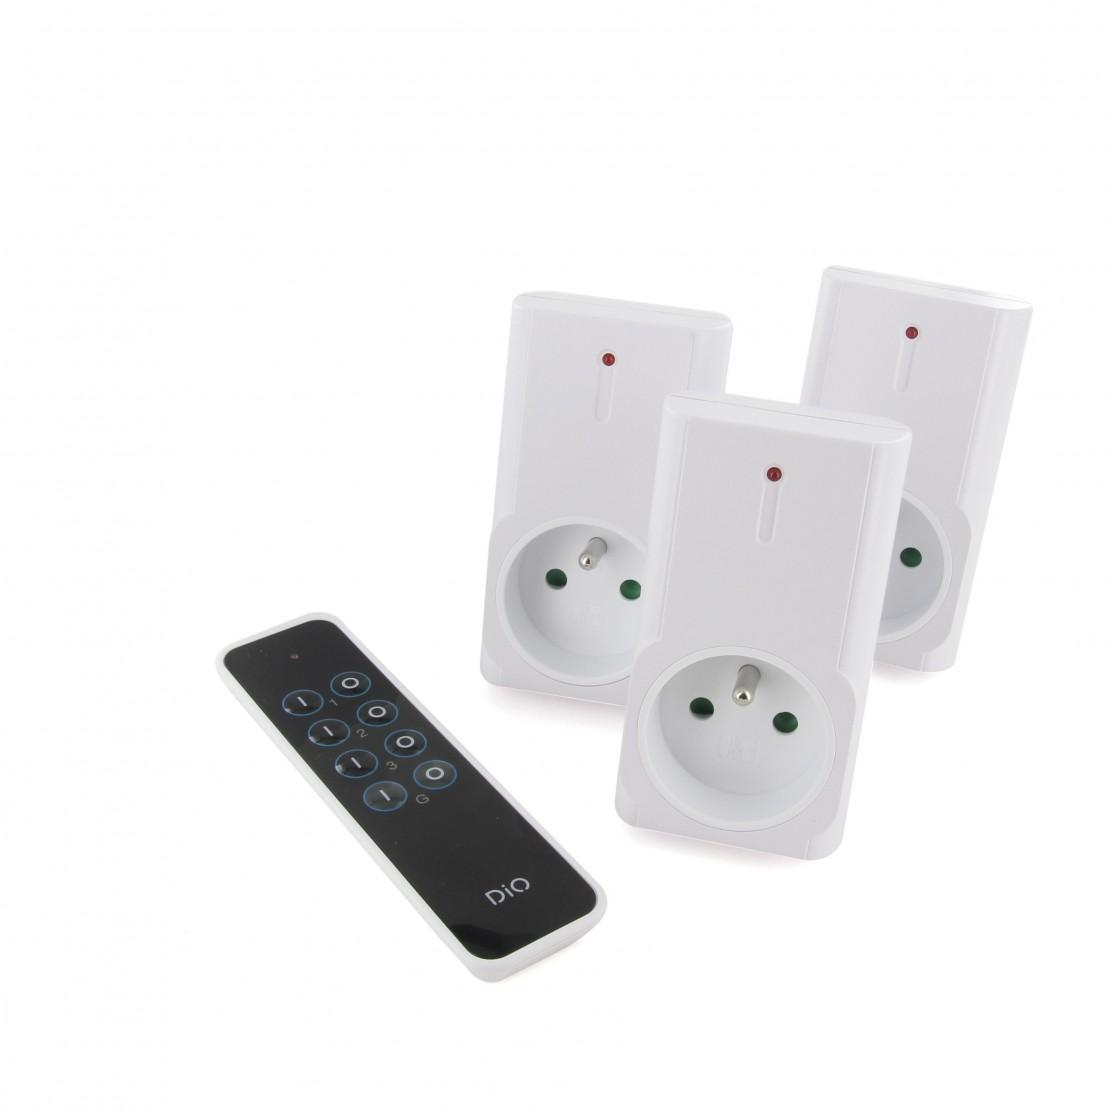 Kit de 3 tomadas telecomandadas DIO First (1500W)